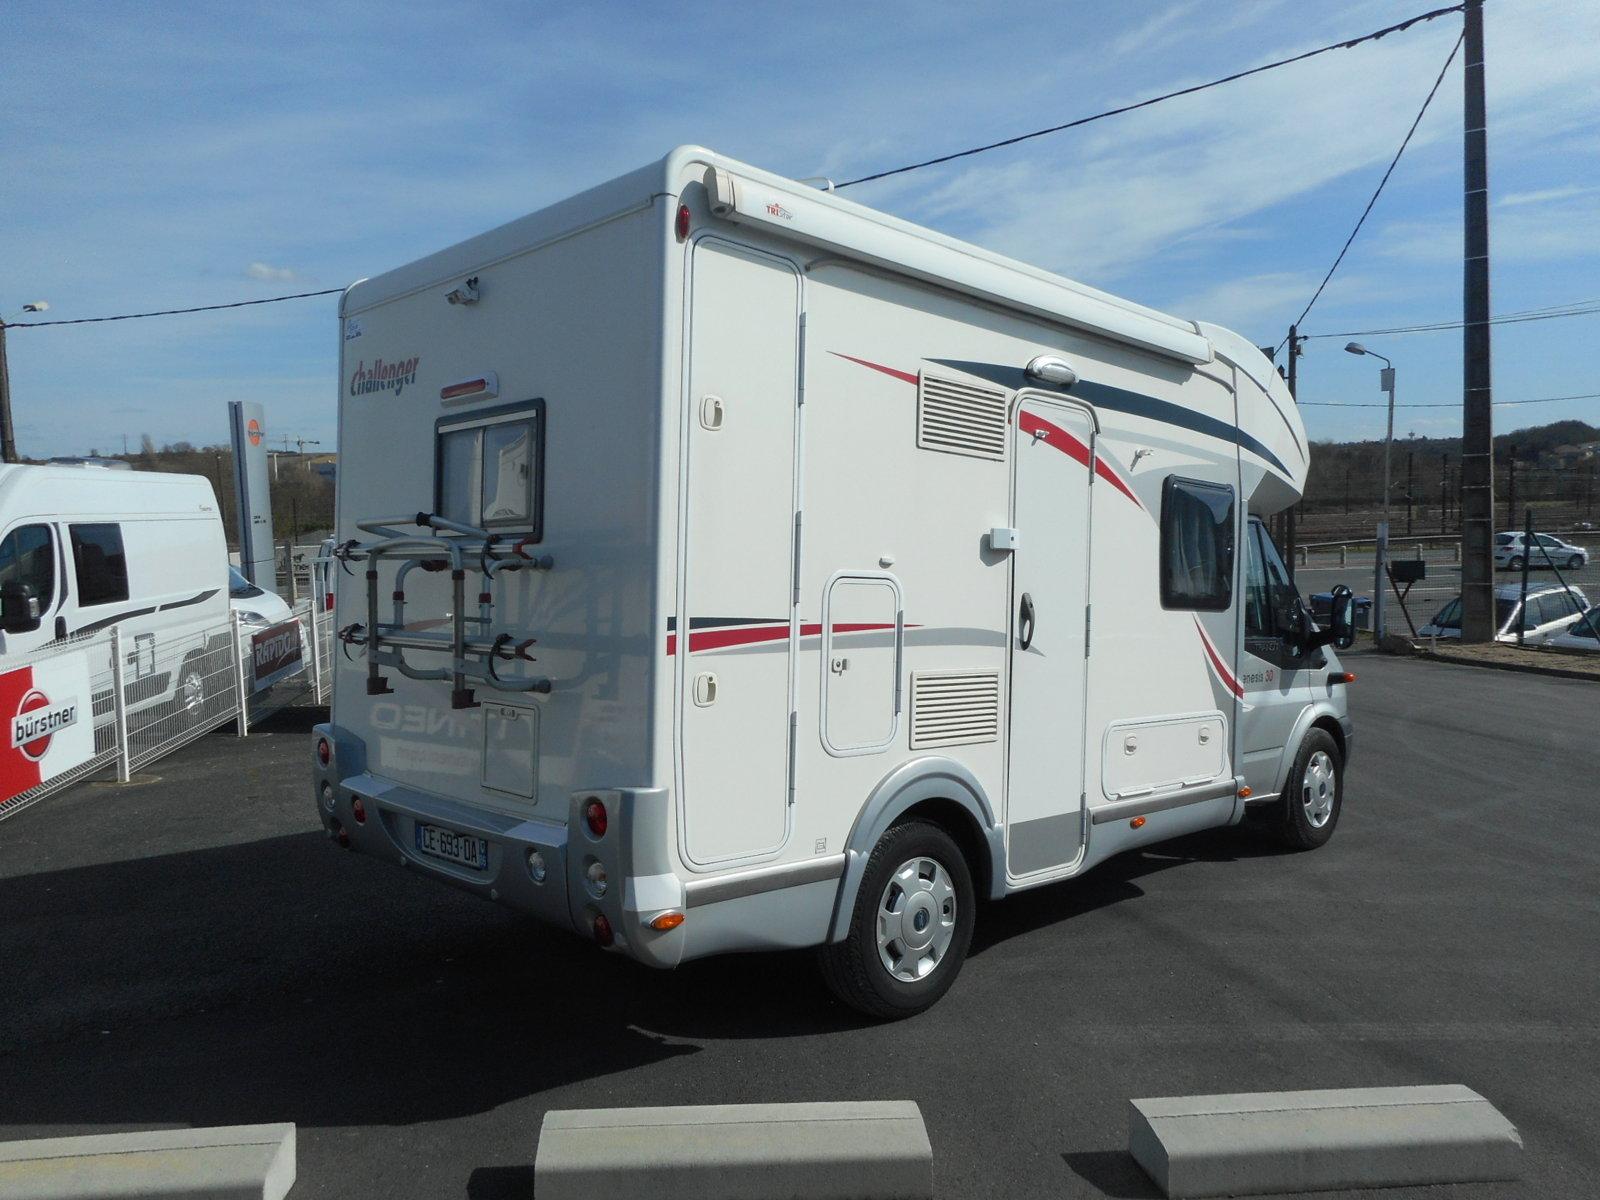 challenger genesis 30 occasion de 2012 ford camping car en vente migne auxances vienne 86. Black Bedroom Furniture Sets. Home Design Ideas